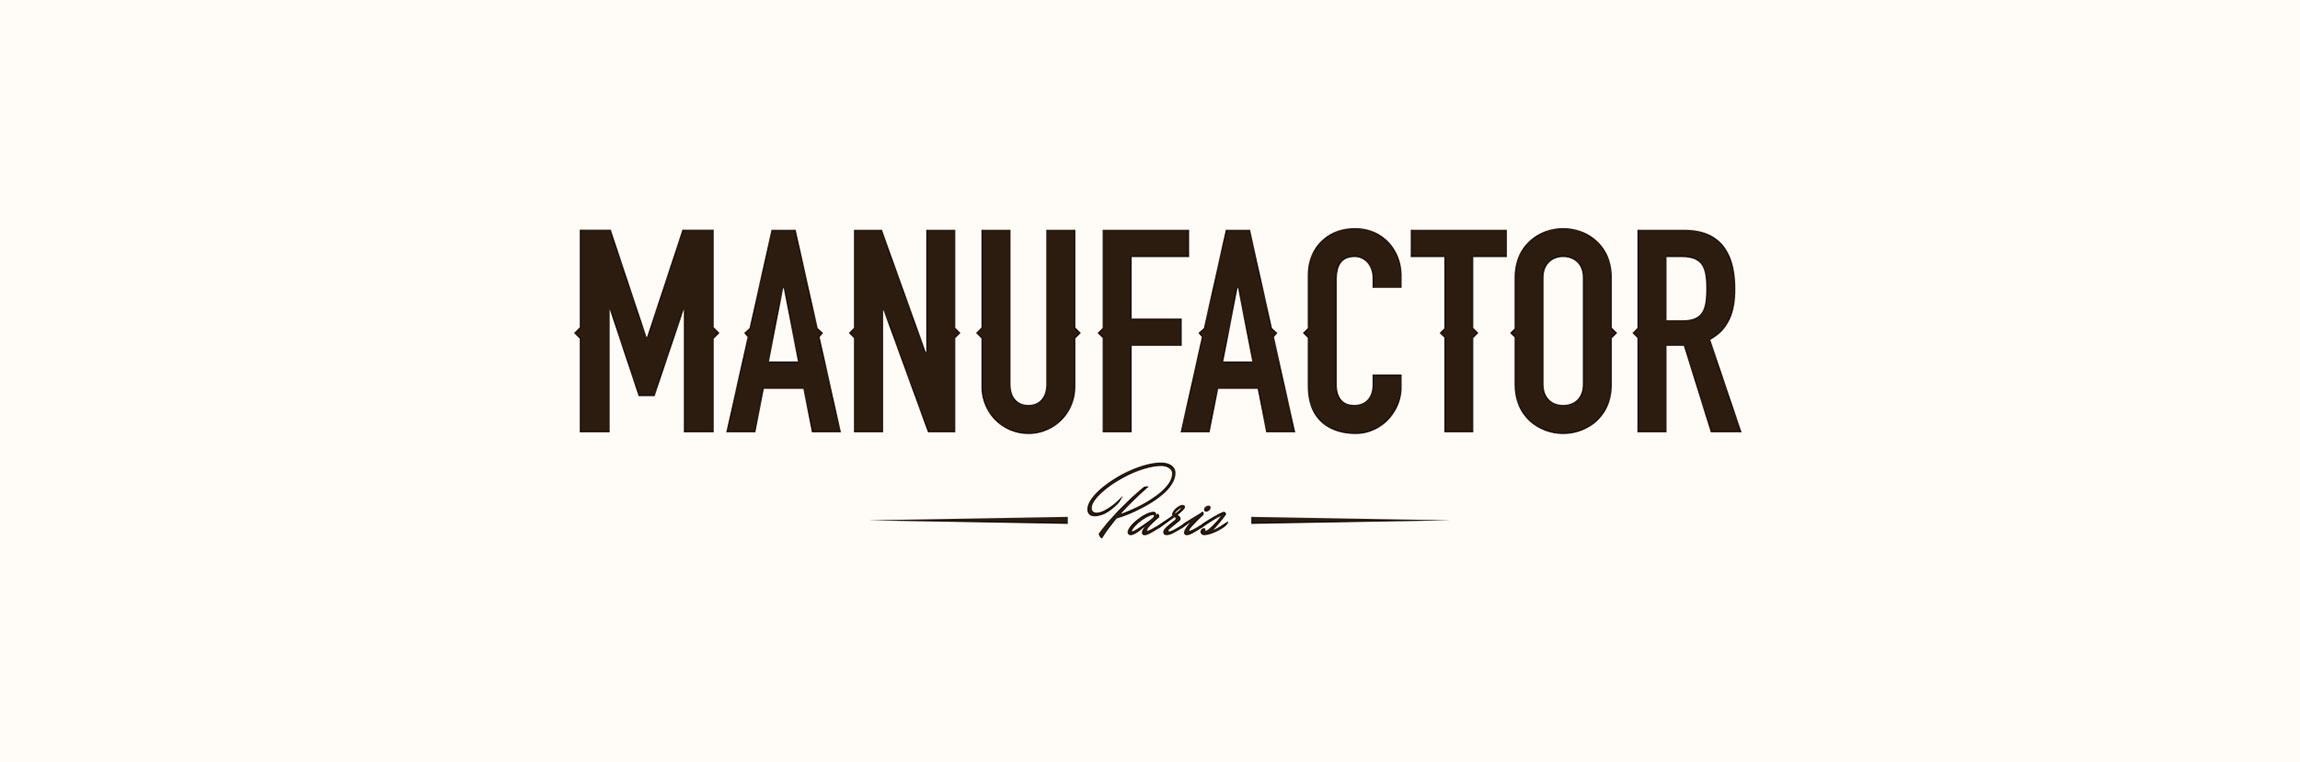 Création logo MANUFACTOR